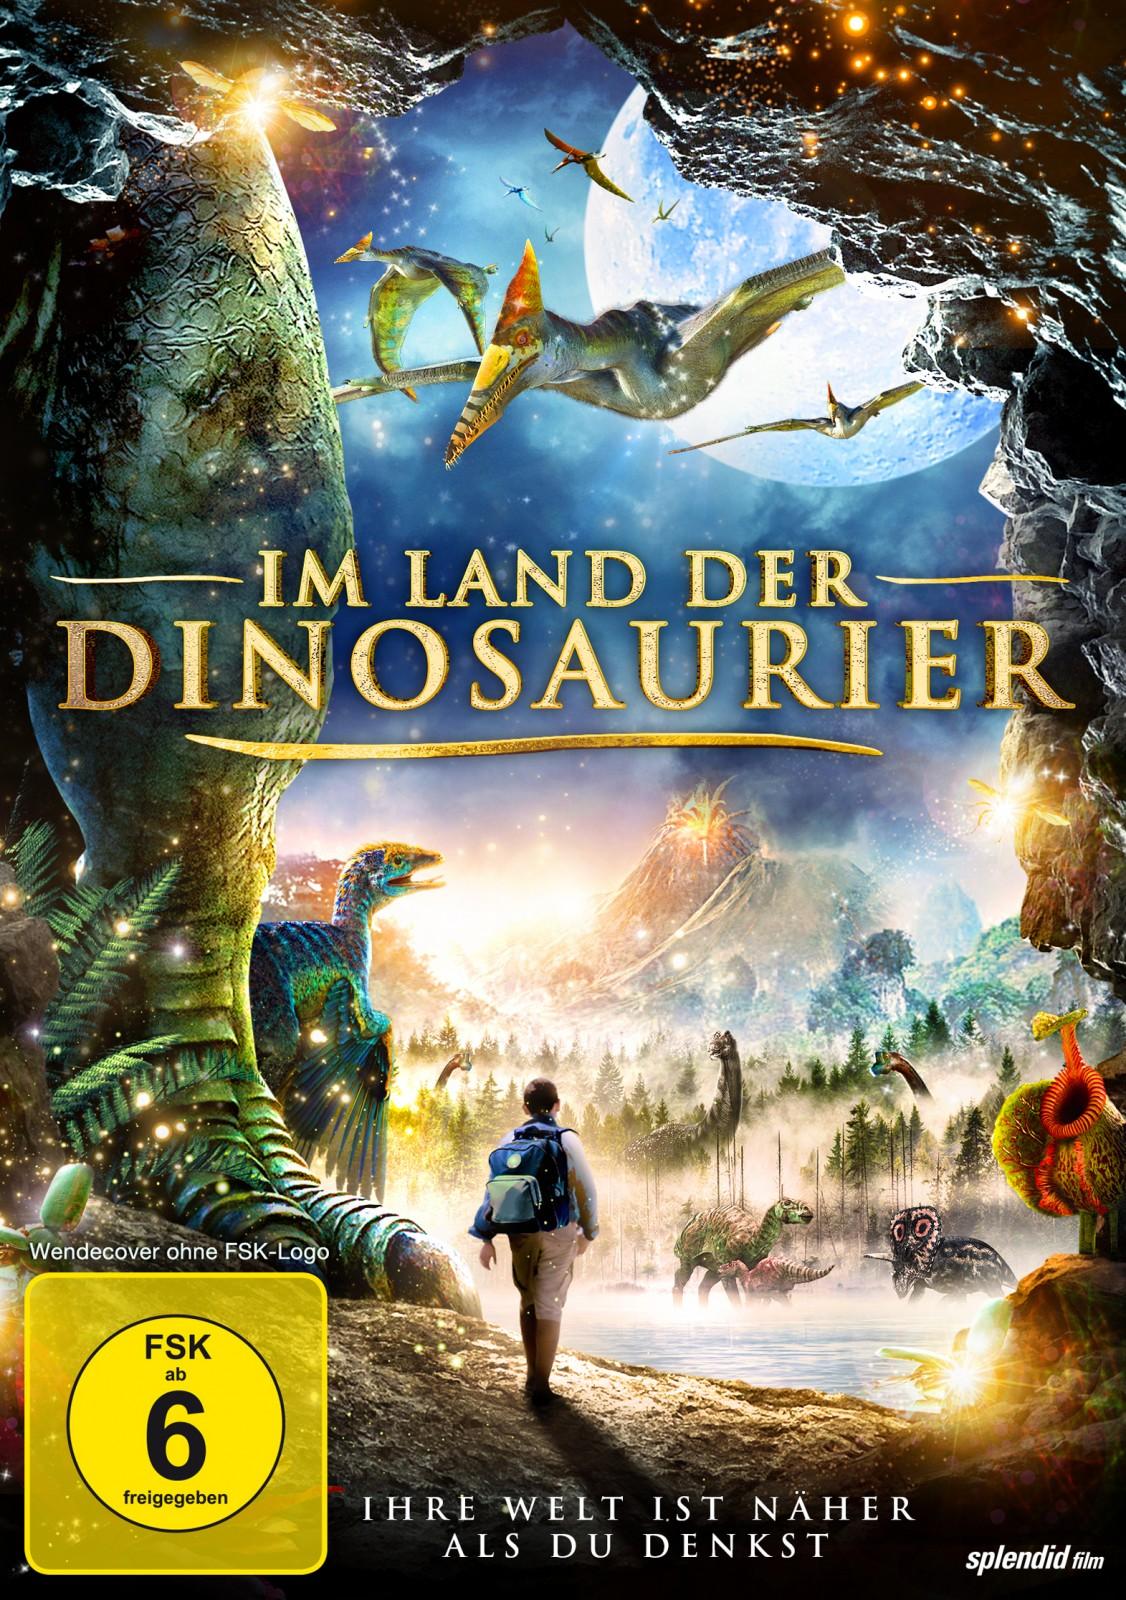 Dinosaurier Der Film